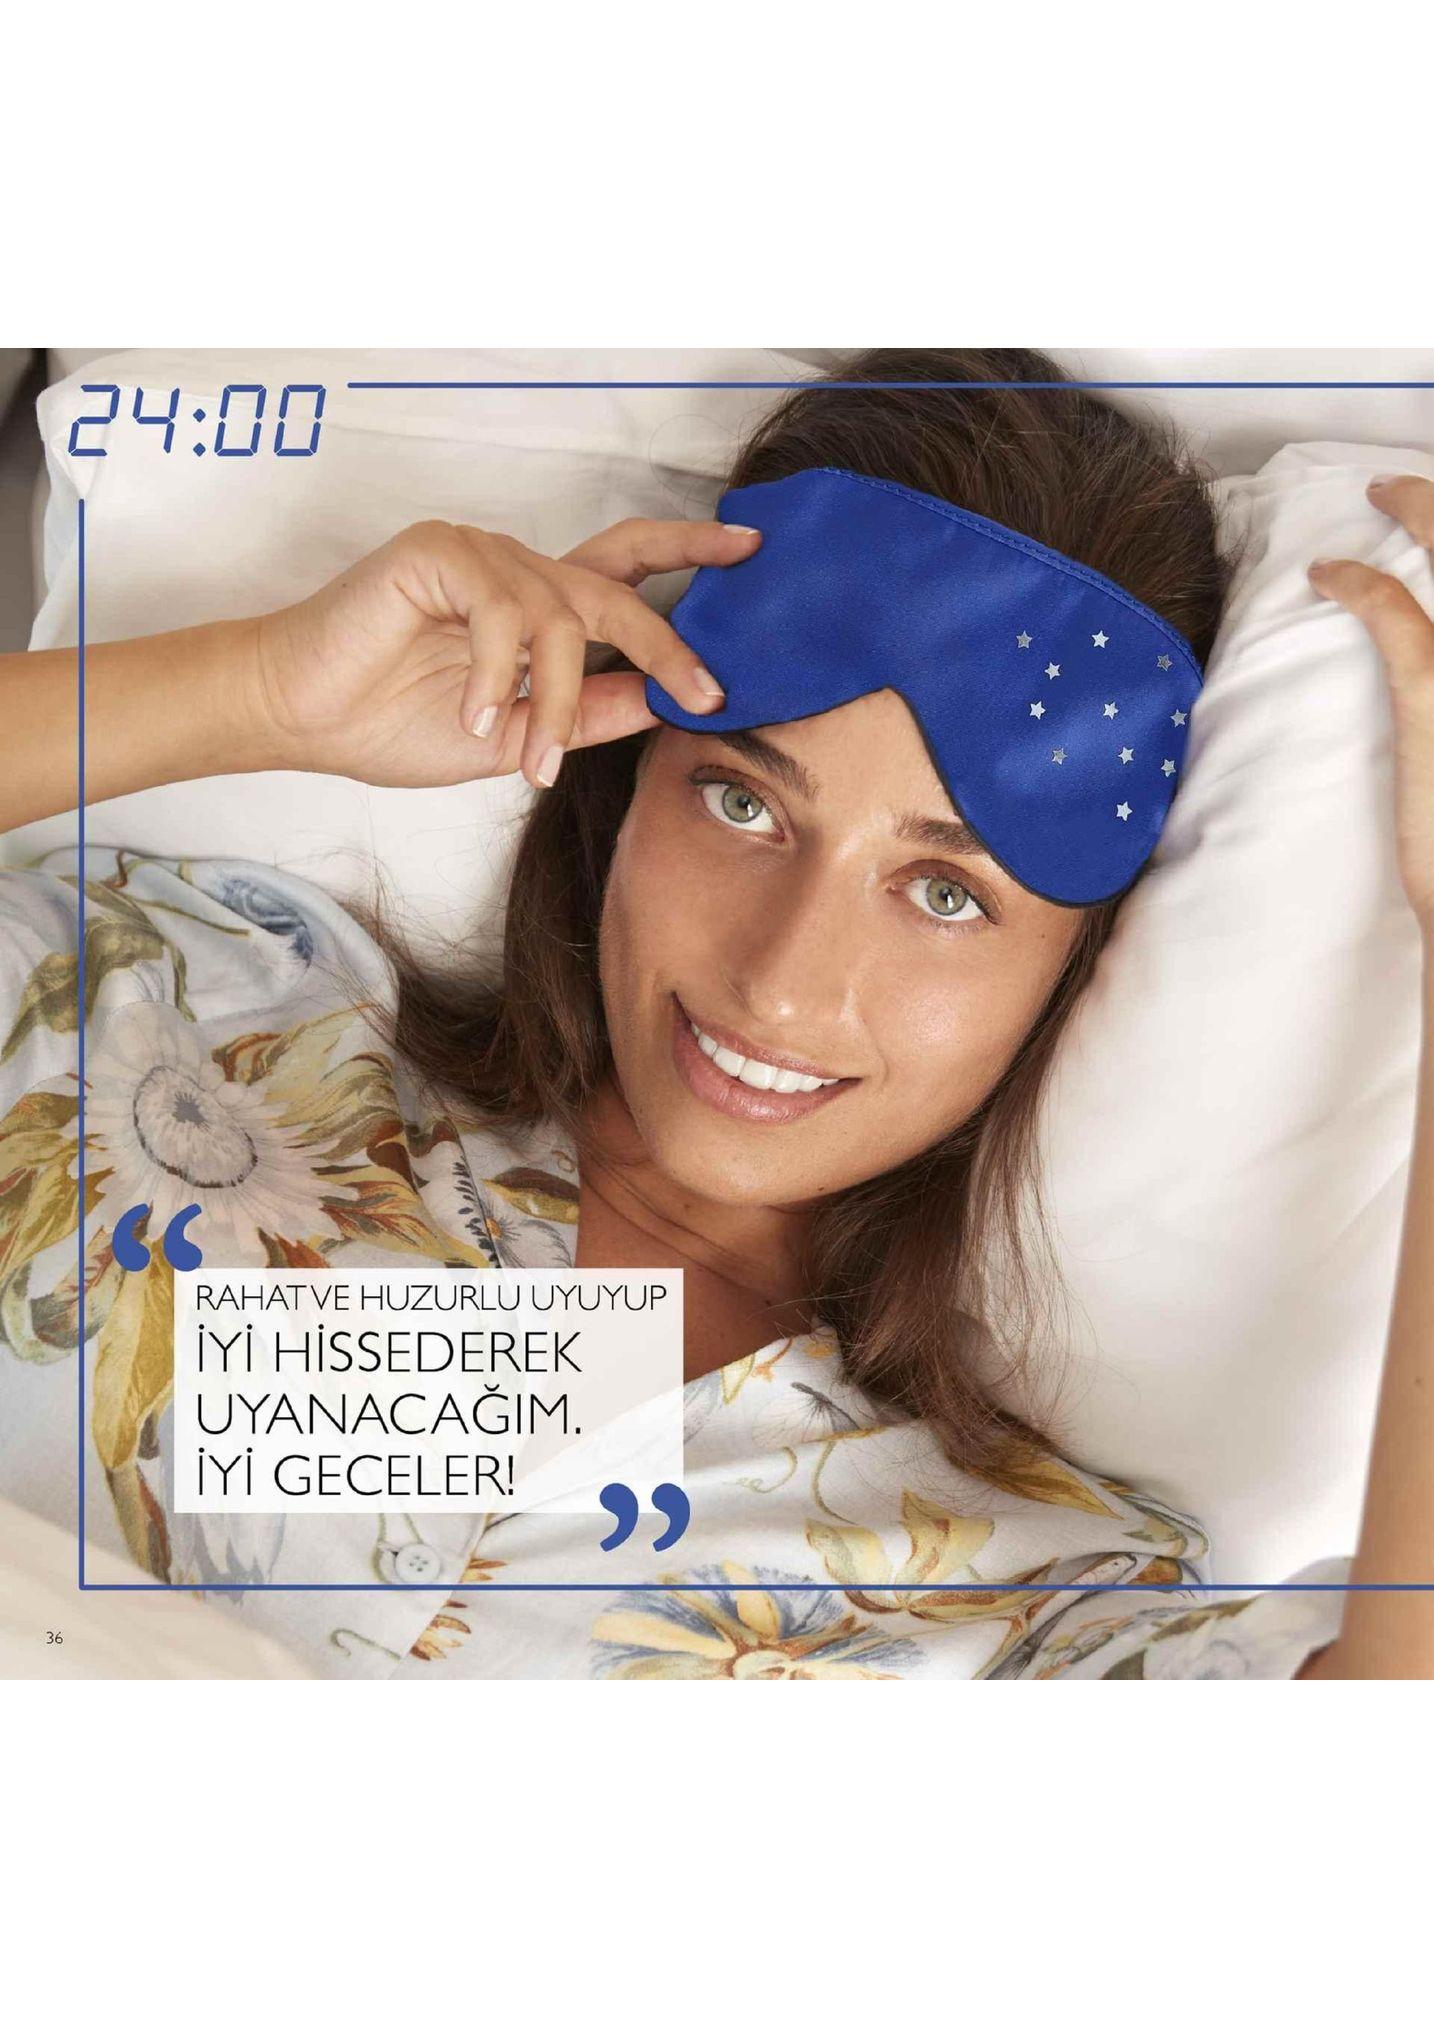 24:00 ㄇㄇ rahatve huzurlu uyuyup iyi hissederek uyanacağim. iyi geceler 5 36